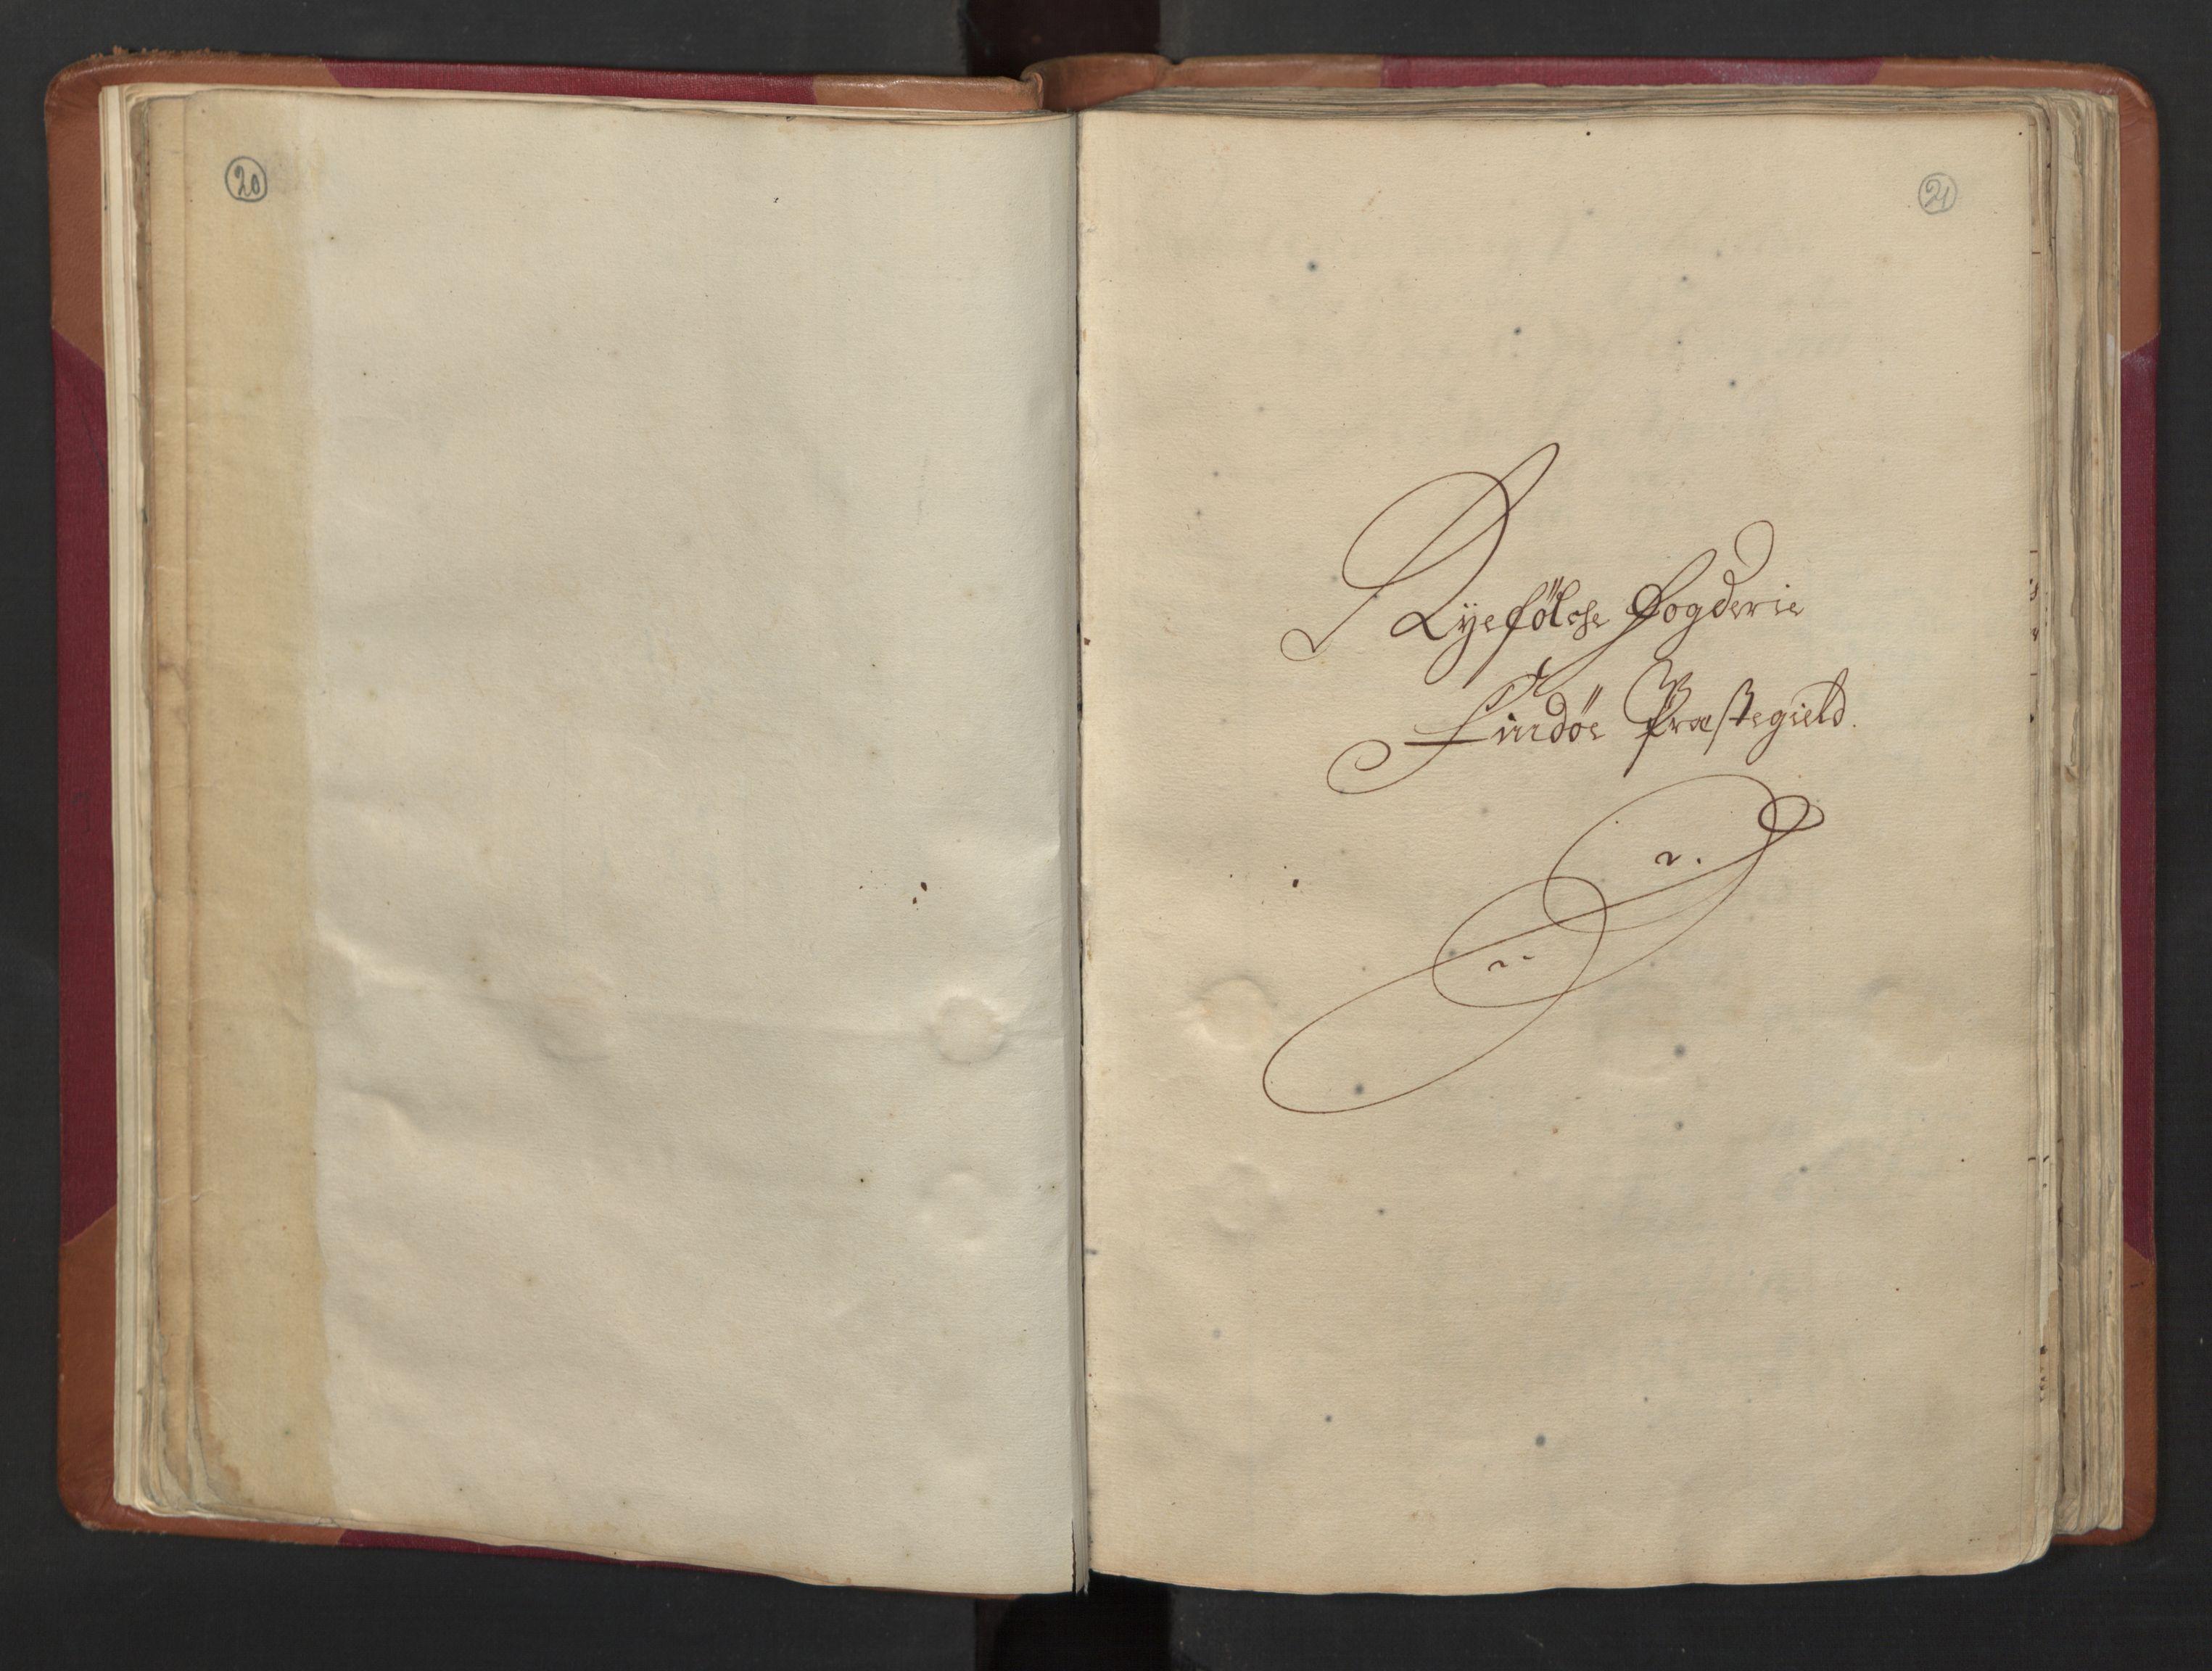 RA, Manntallet 1701, nr. 5: Ryfylke fogderi, 1701, s. 20-21